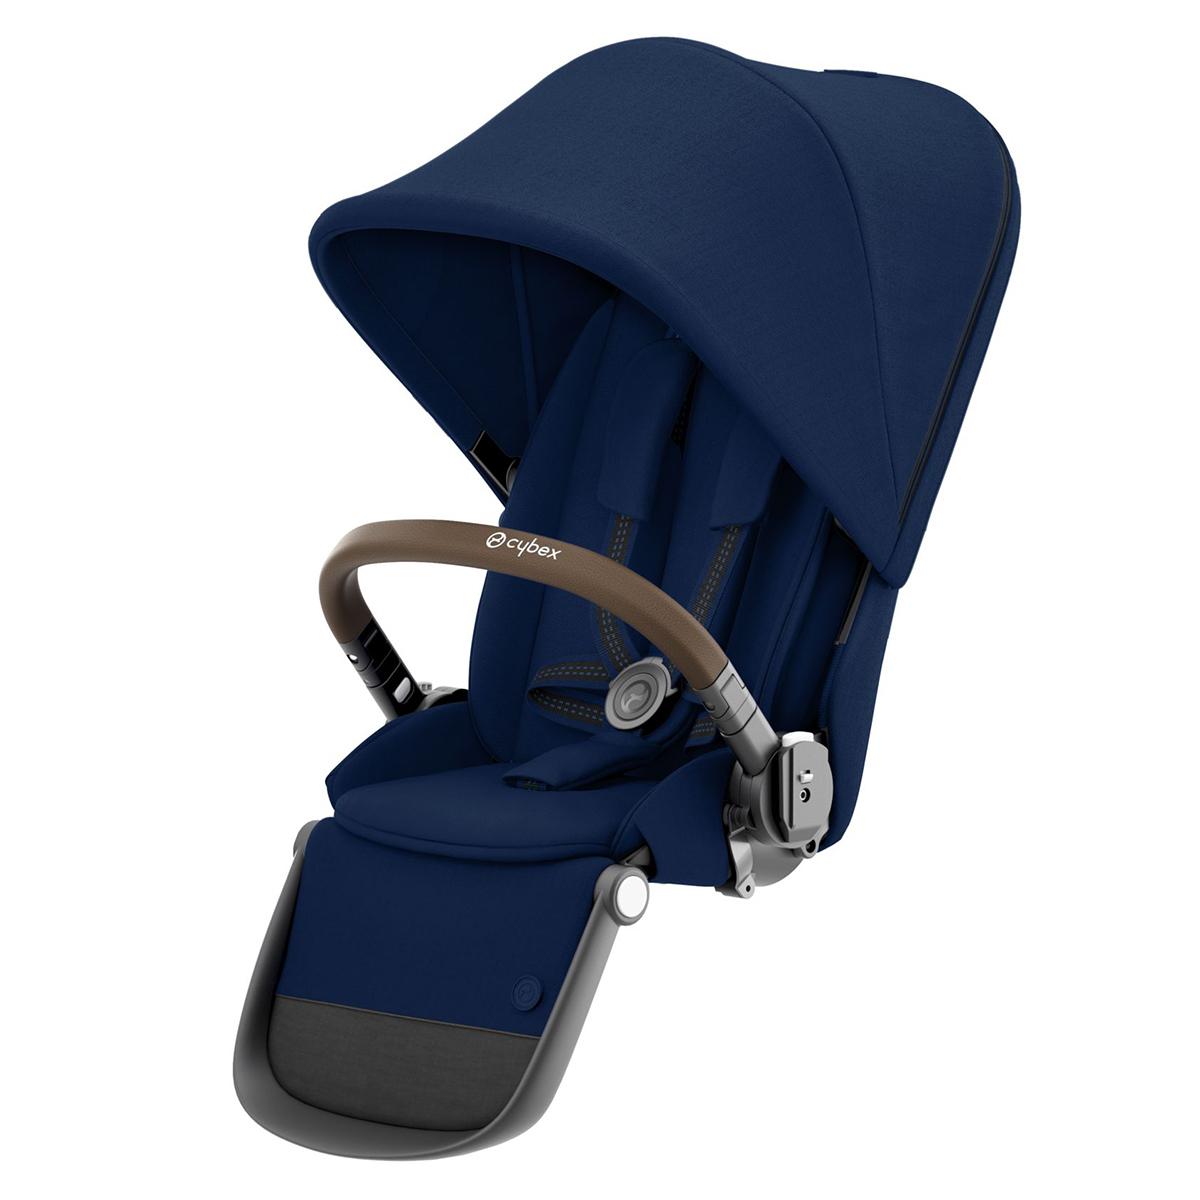 Accessoires poussette Siège Supplémentaire Gazelle S Châssis Taupe - Navy Blue Siège Supplémentaire Gazelle S Châssis Taupe - Navy Blue